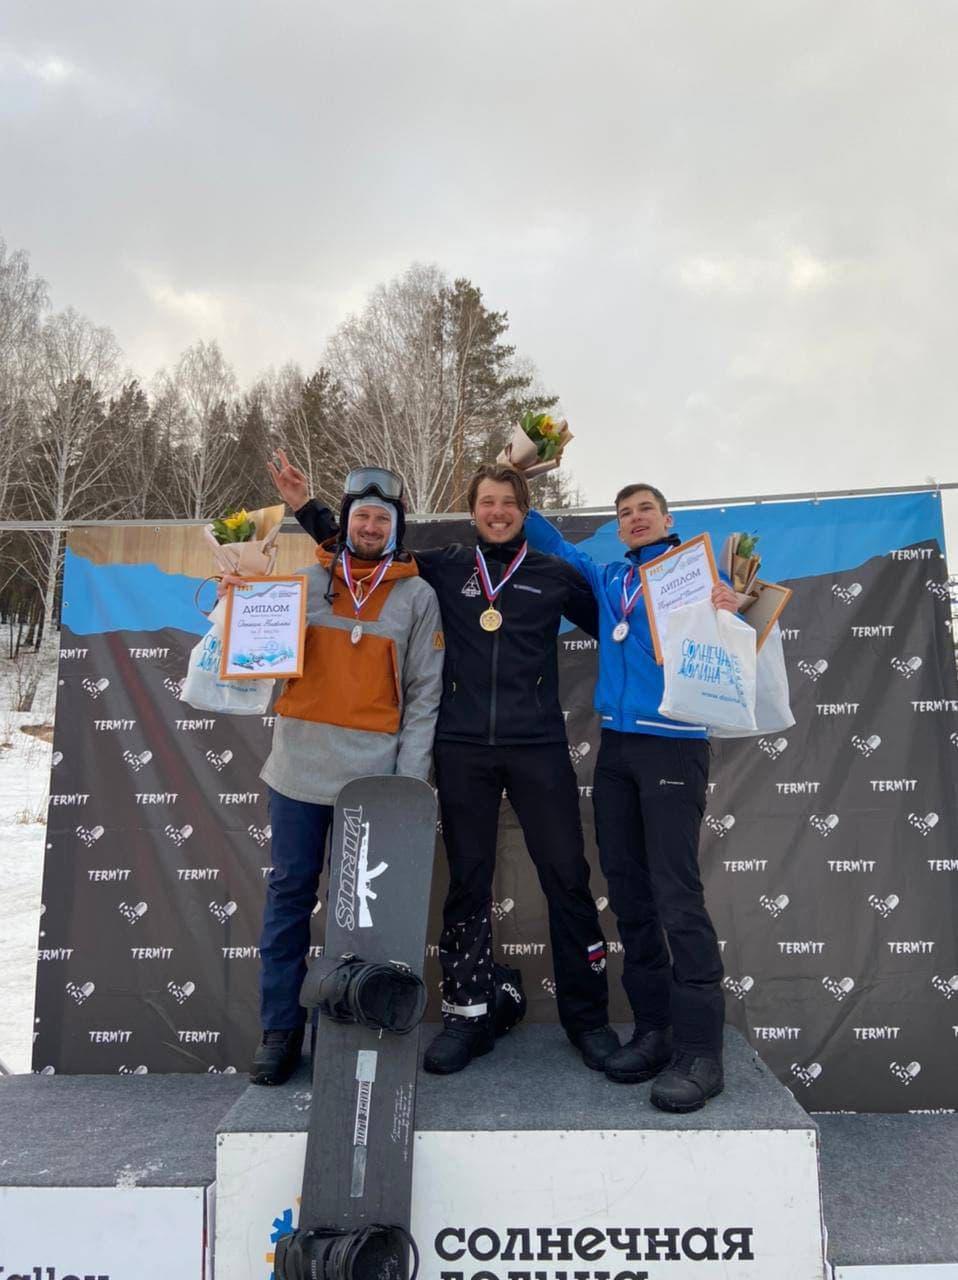 Подмосковный спортсмен стал бронзовым призёром Кубка России по сноуборду